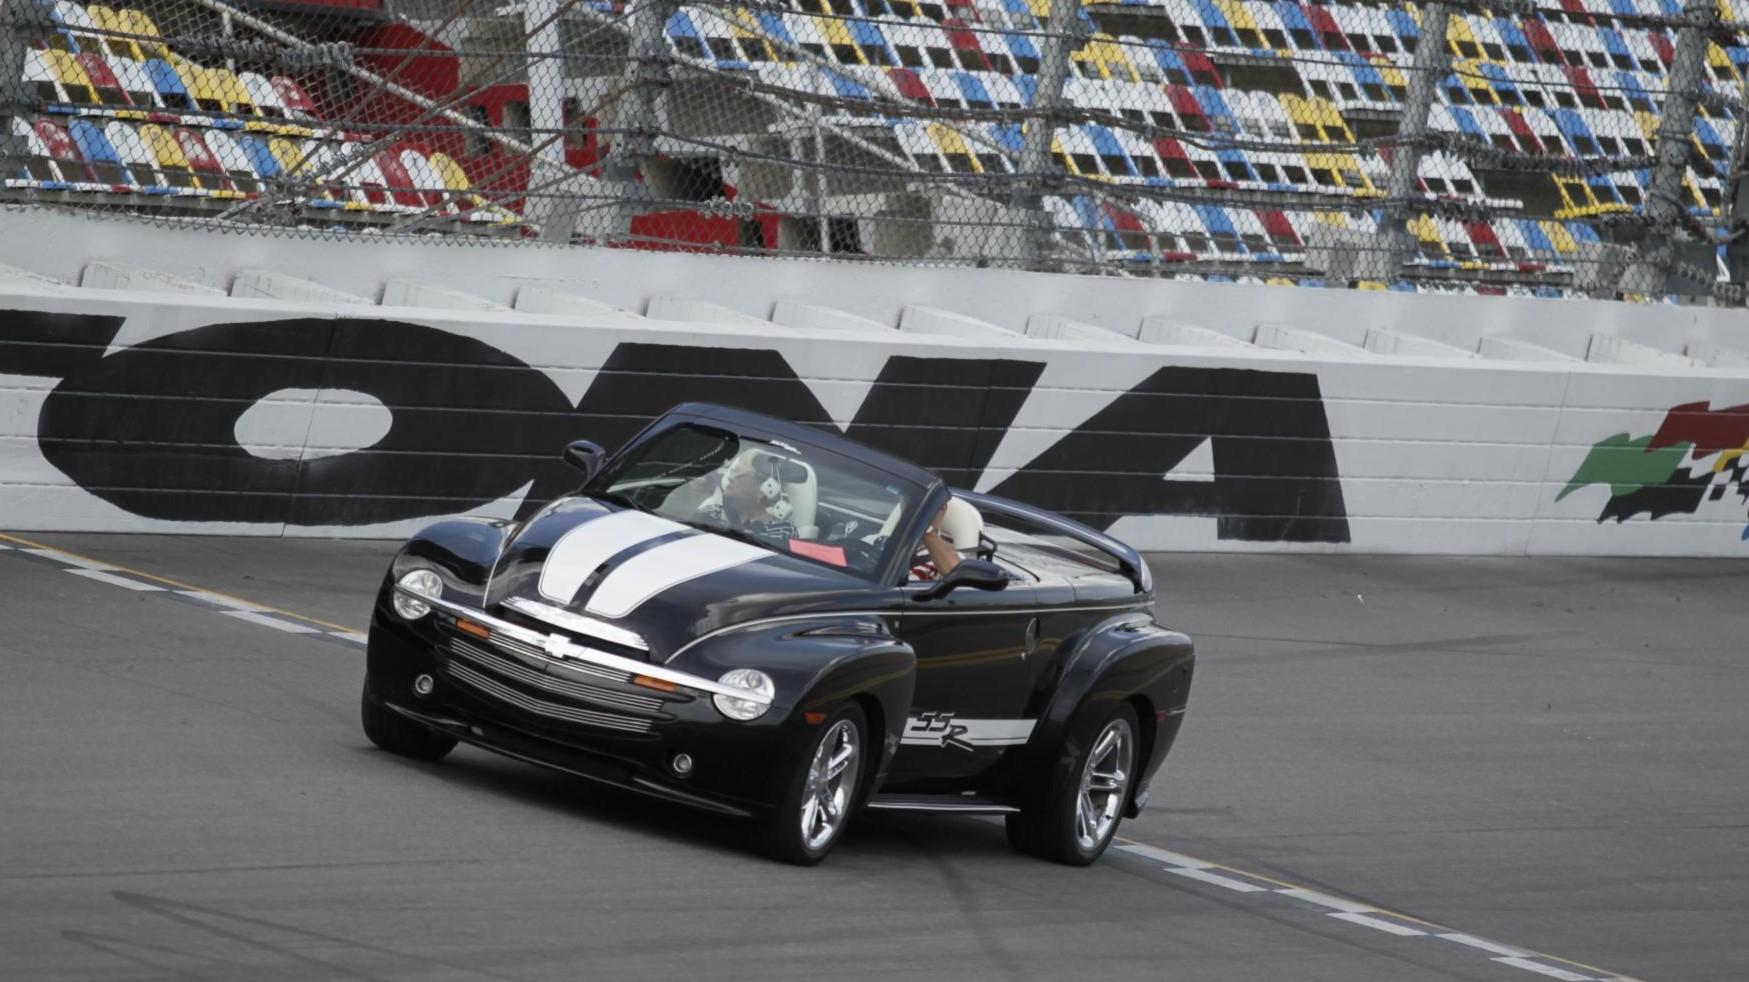 Car Show Orlando Chevy SSR Forum - Car show orlando